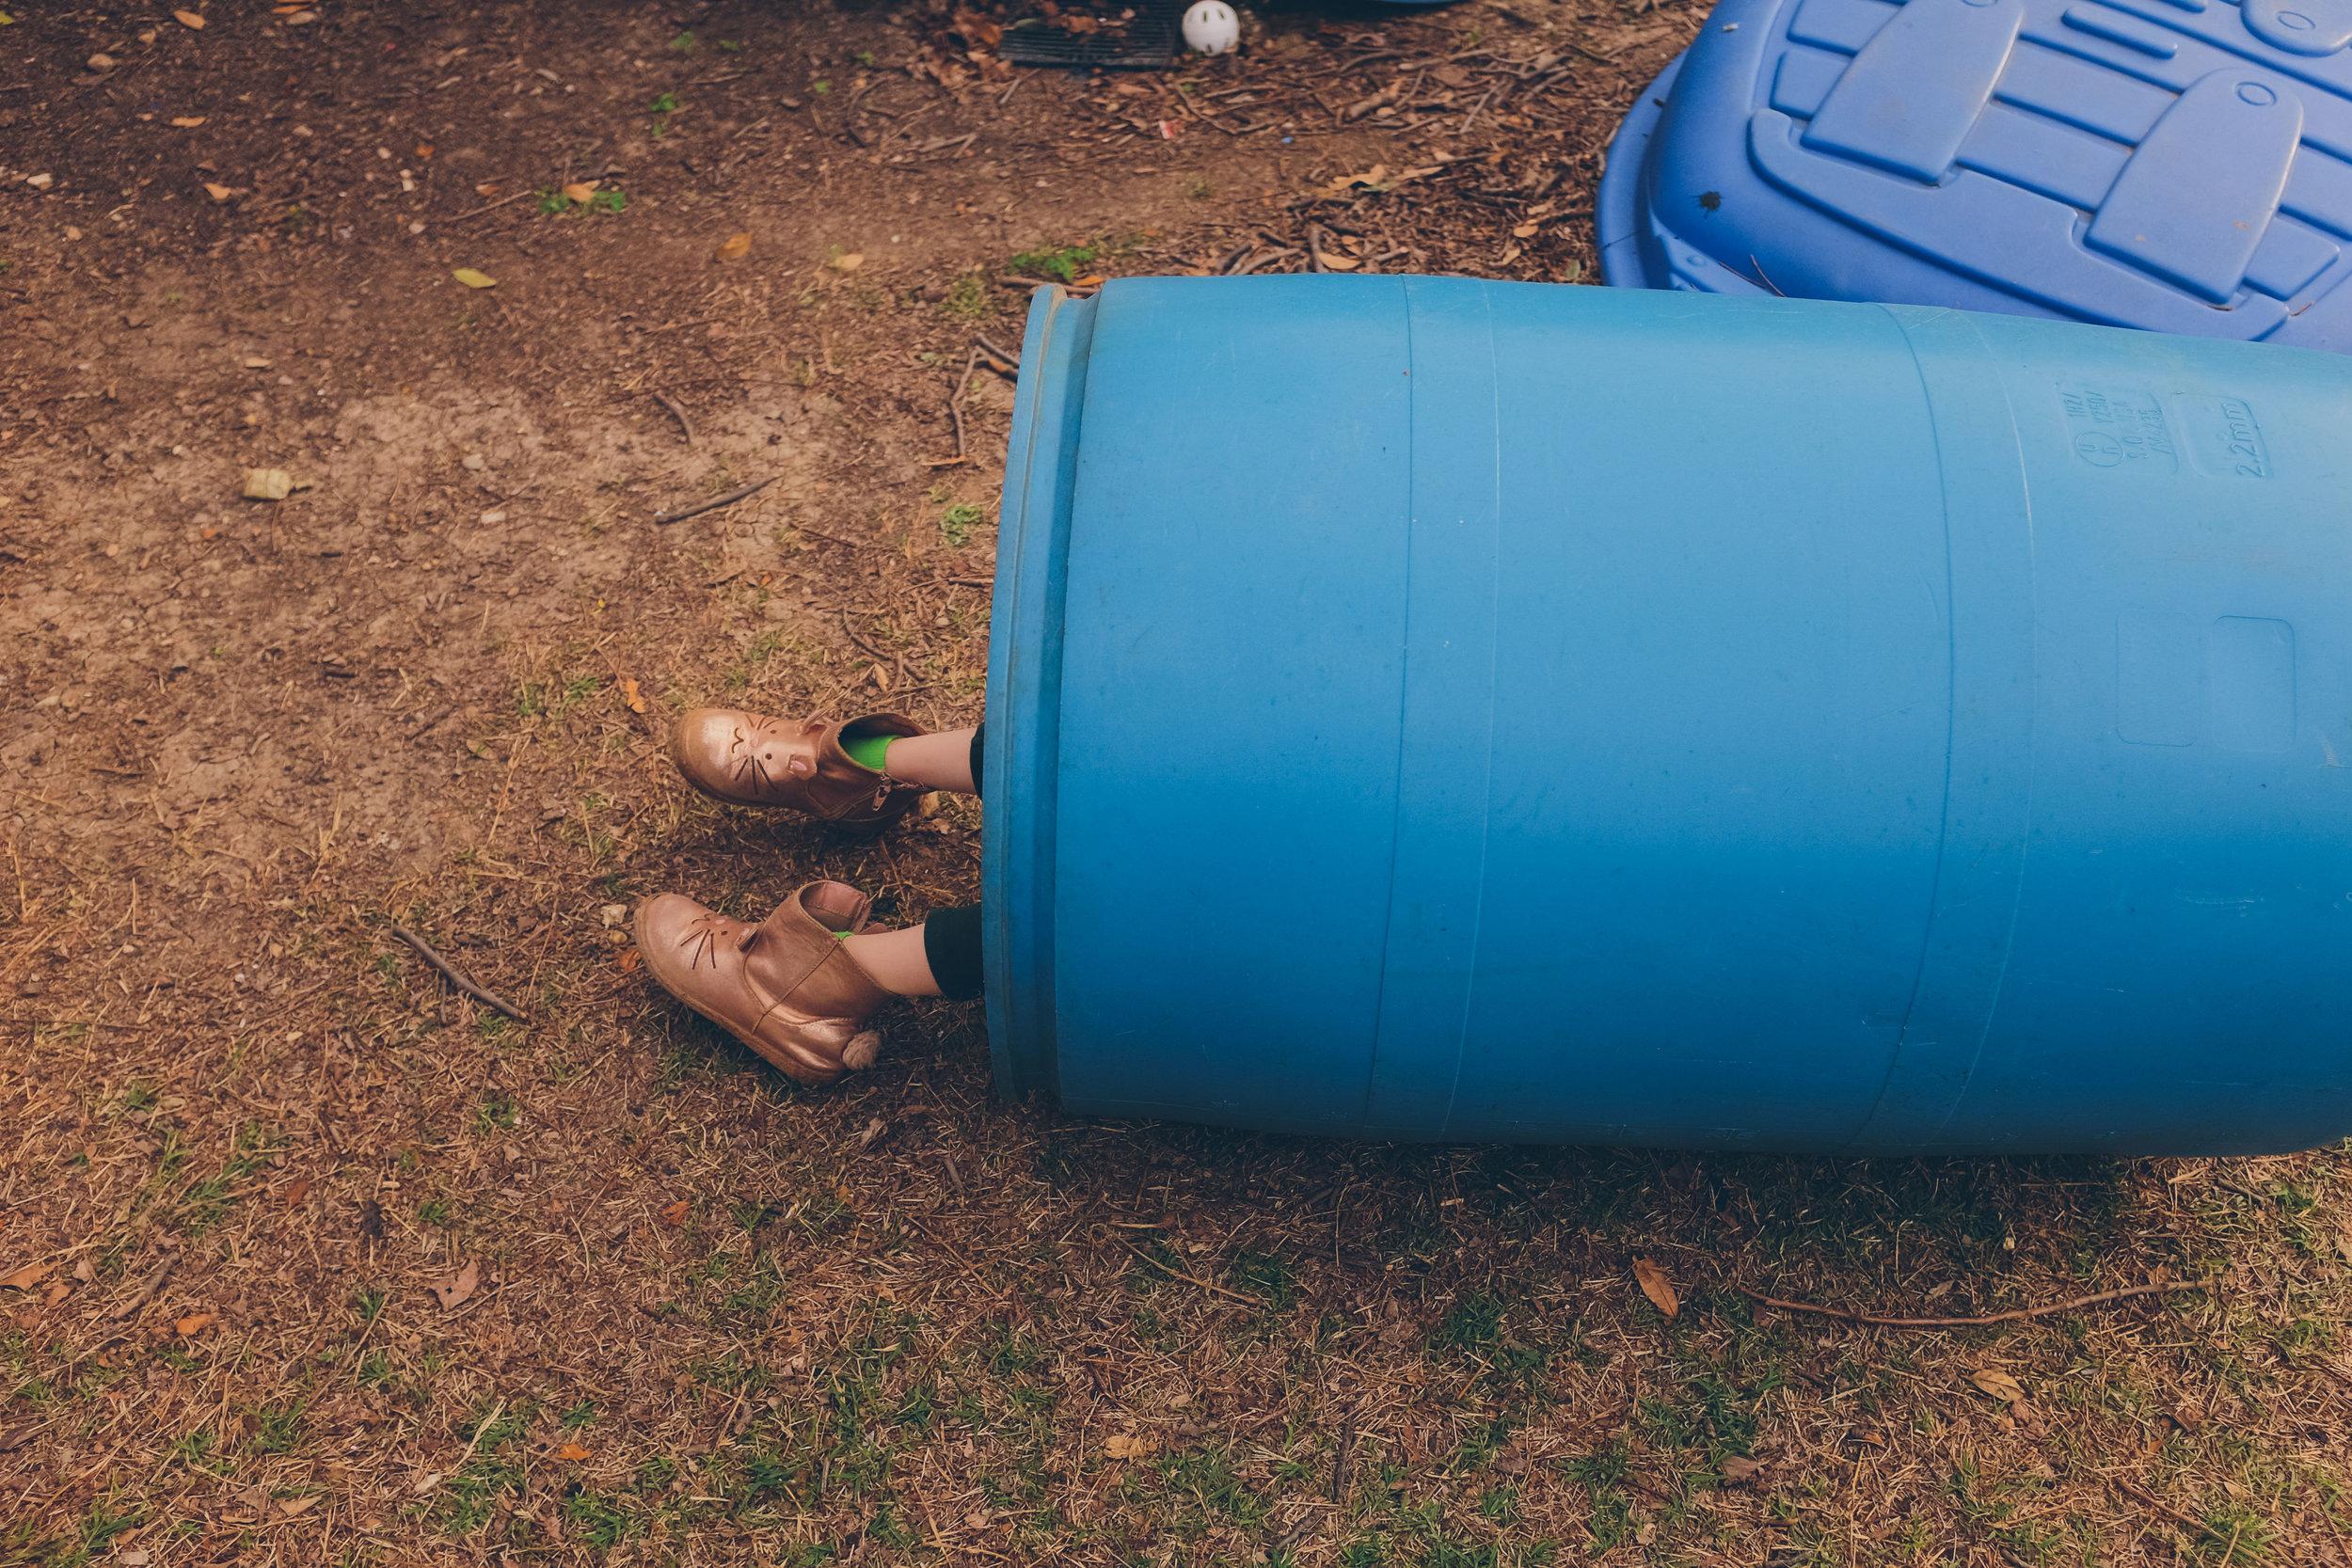 February 26. Harper Meadow in a barrel.